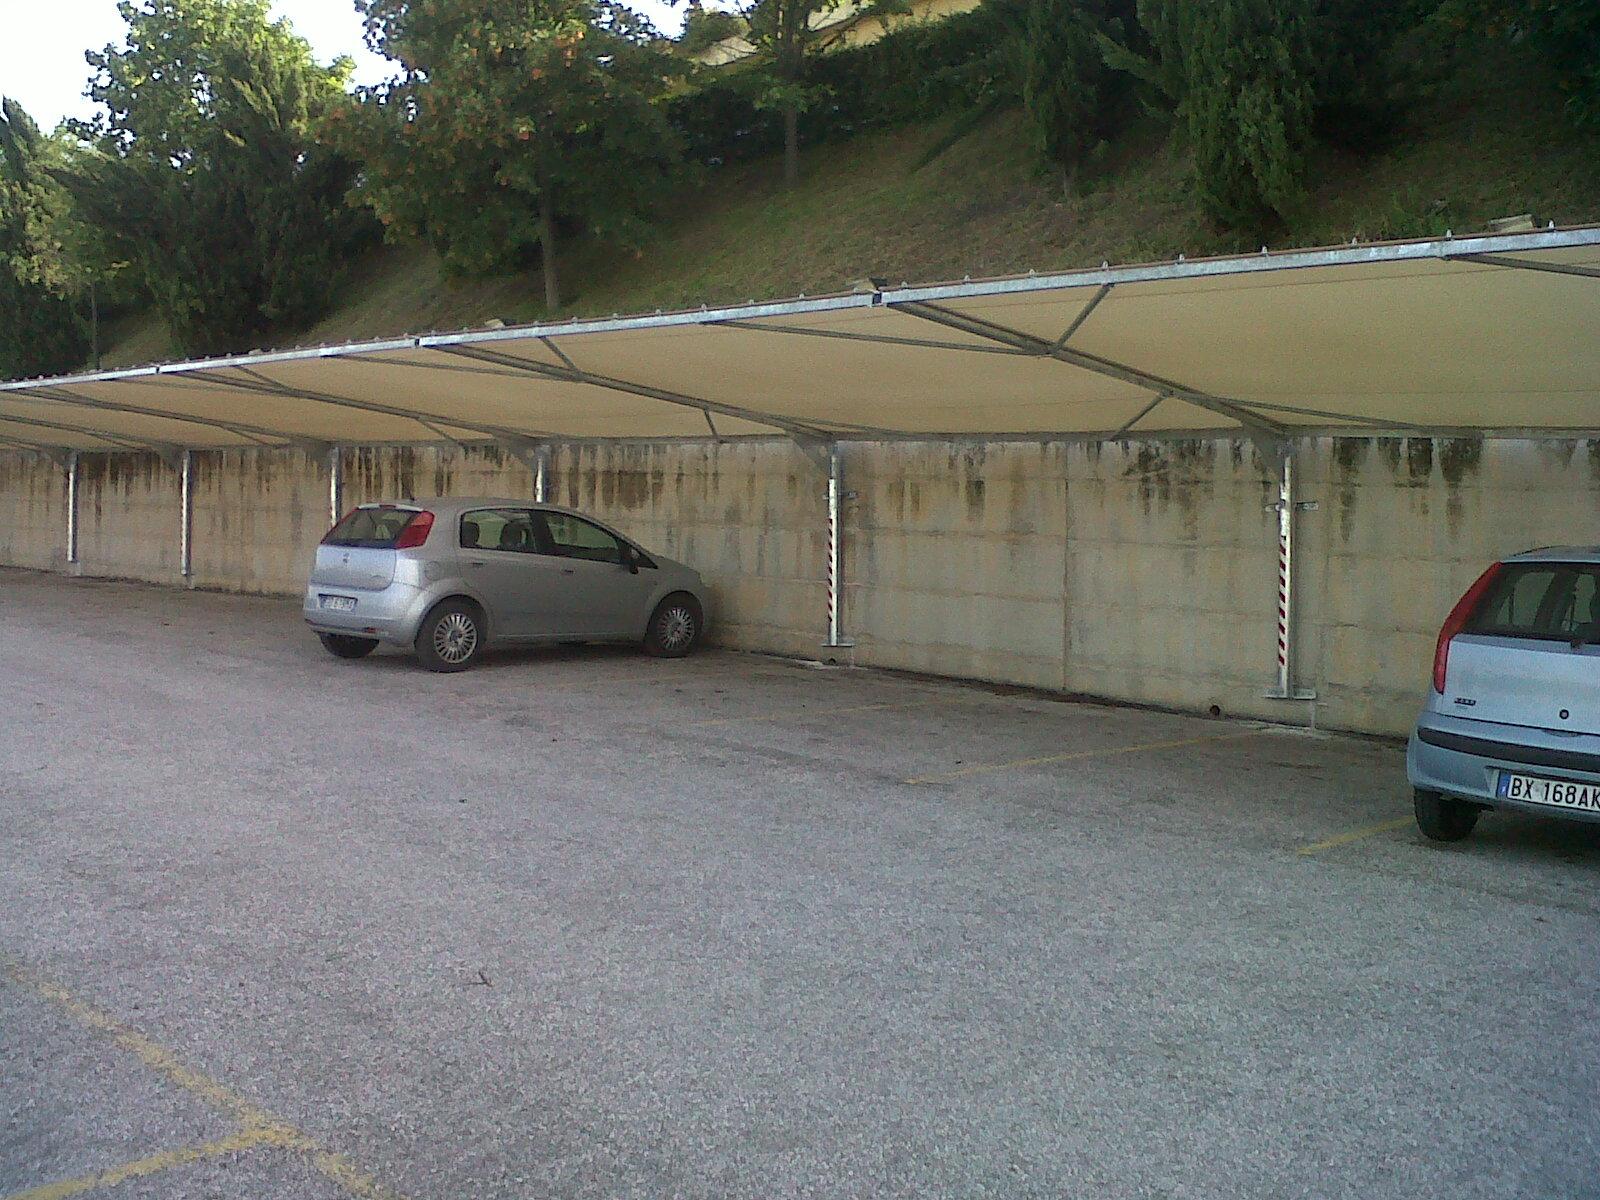 copertura parcheggi per zone montane - B.F. Montaggi